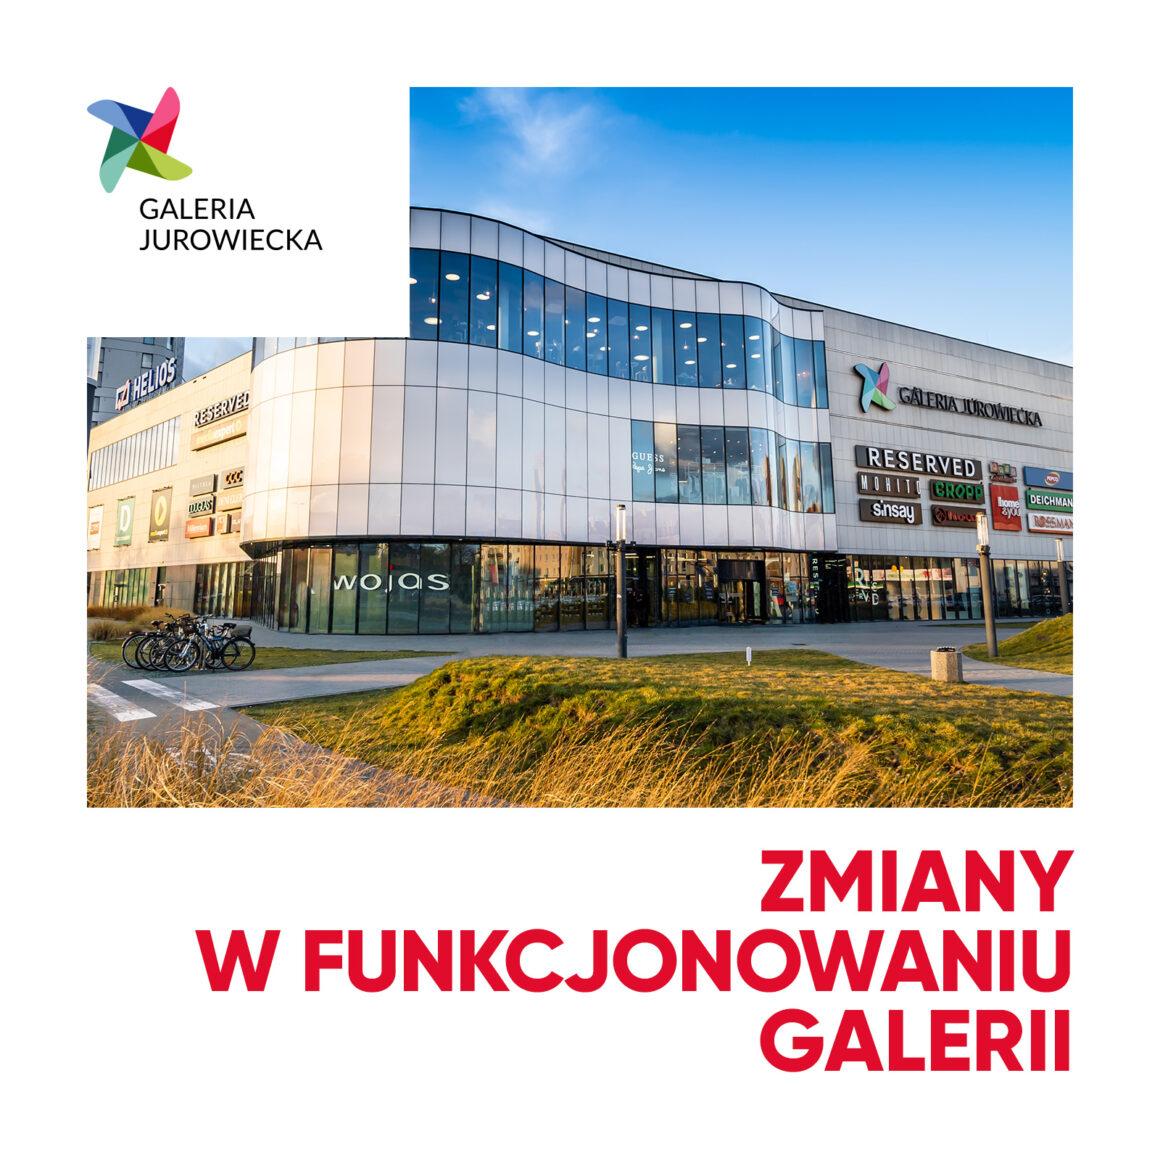 Zmiany w funkcjonowaniu Galerii Jurowiecka